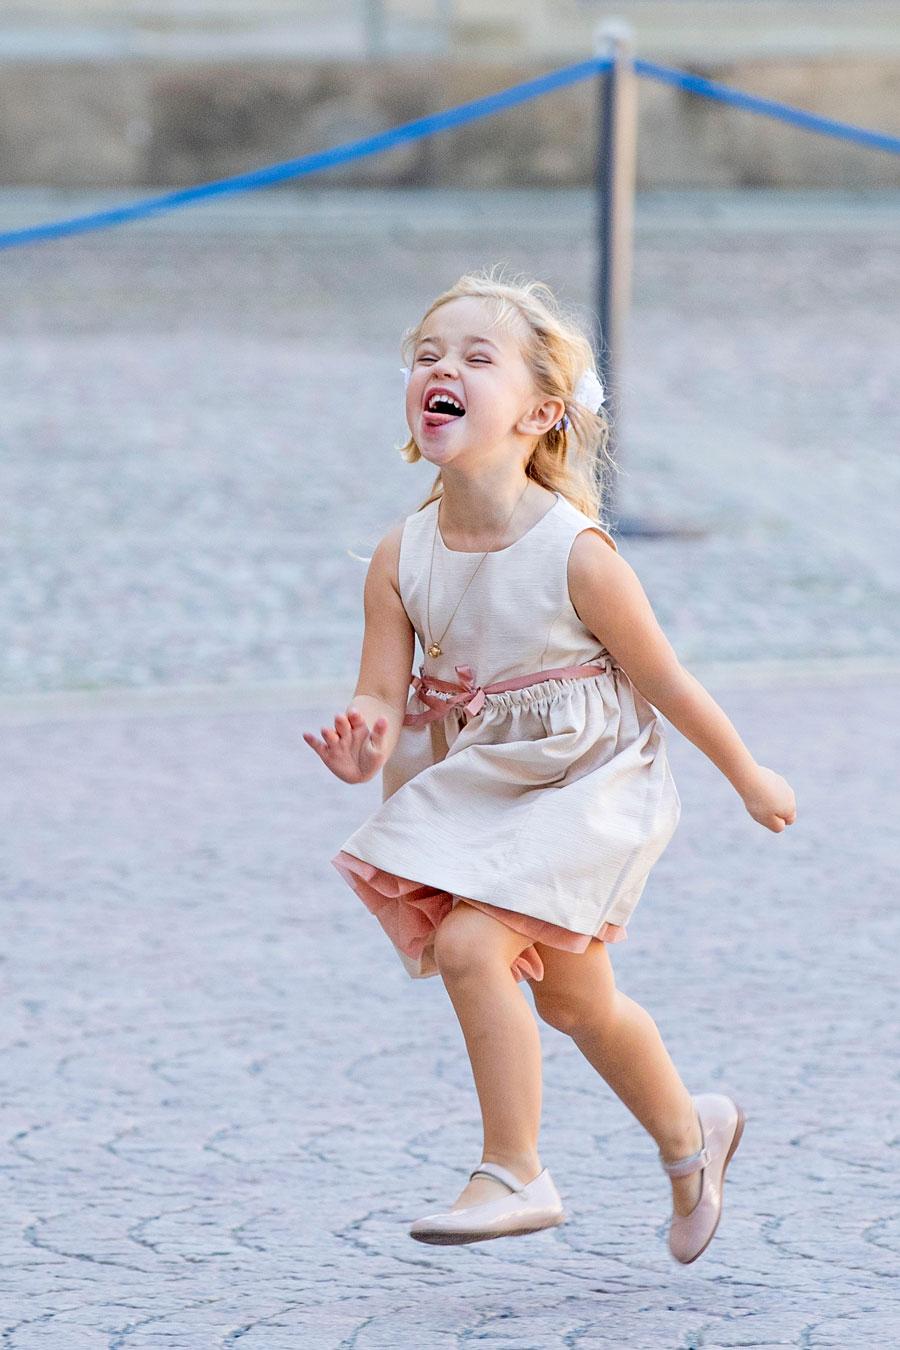 Varför stå still och le när man är en prinsessa med spring i benen? Dessutom följer ju fotograferna efter en ändå!